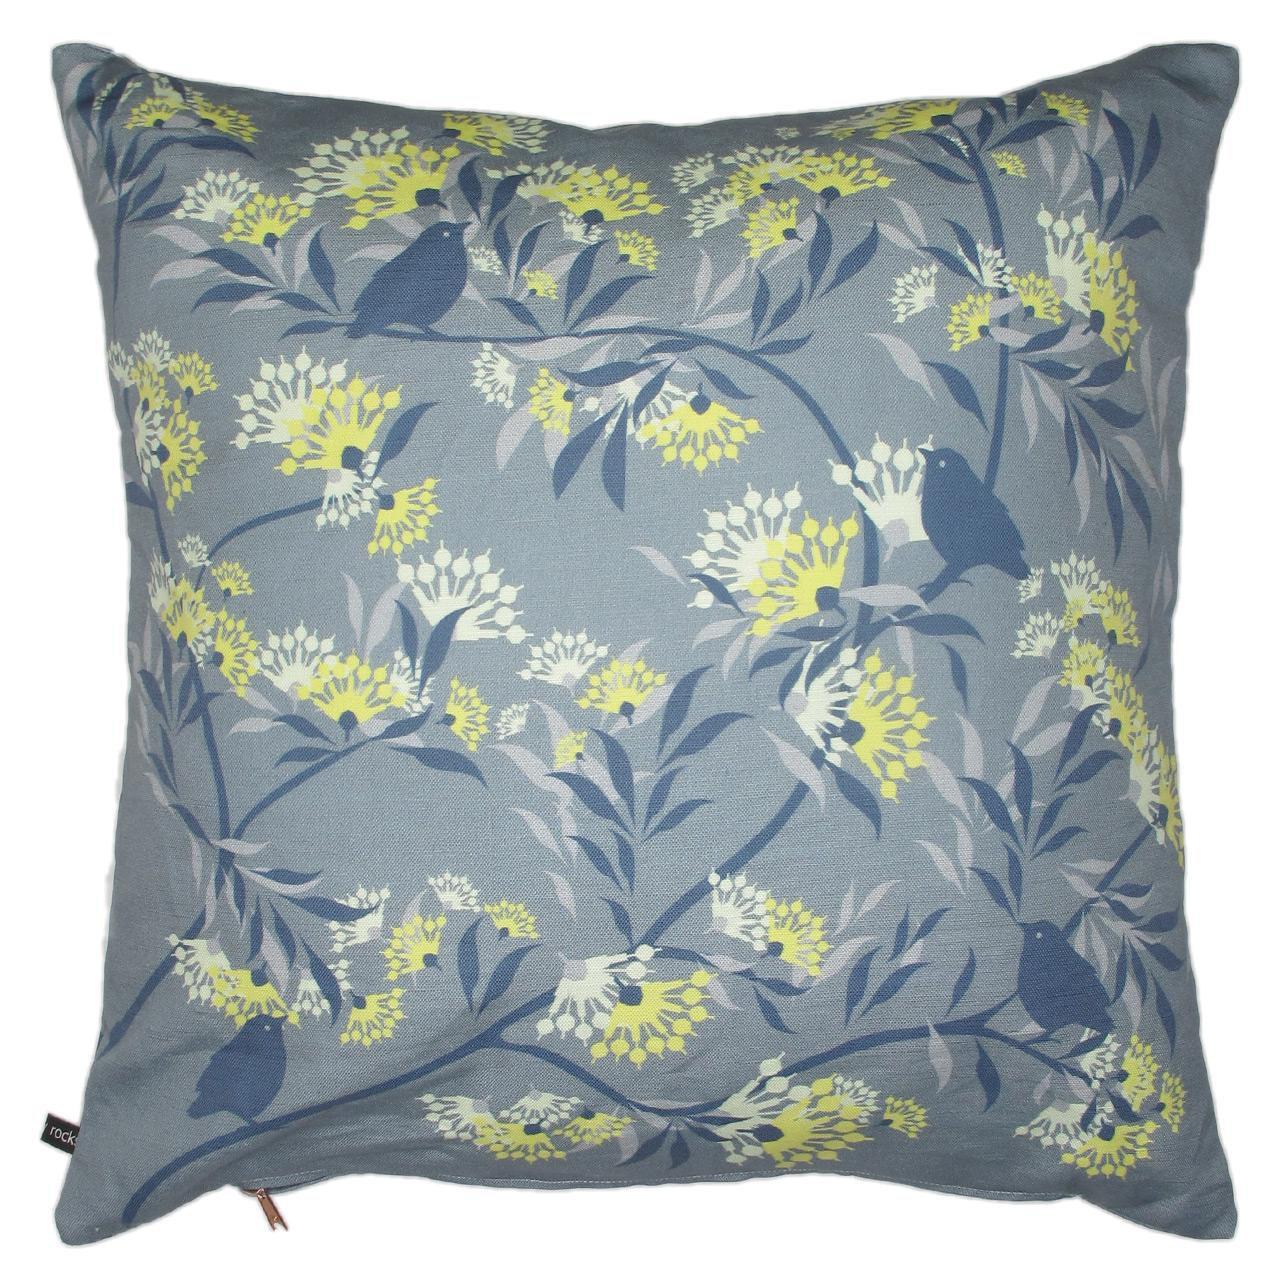 Kissenbezug  Blumen/Vogel gelb grau